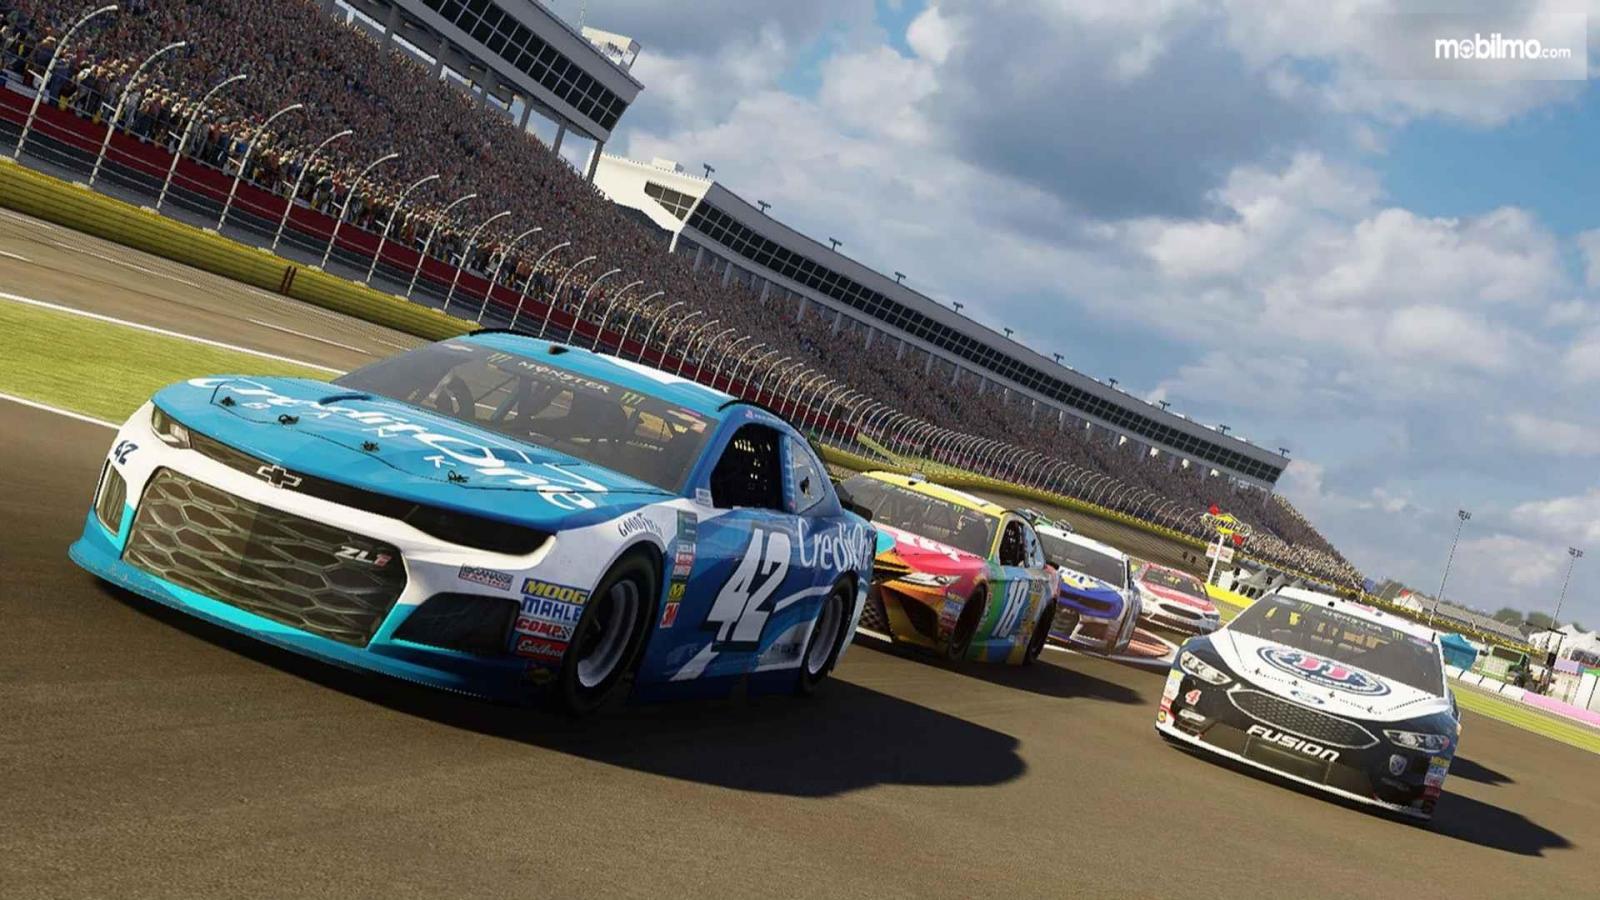 Gambar yang menunjukan balapan NASCAR Heat 3